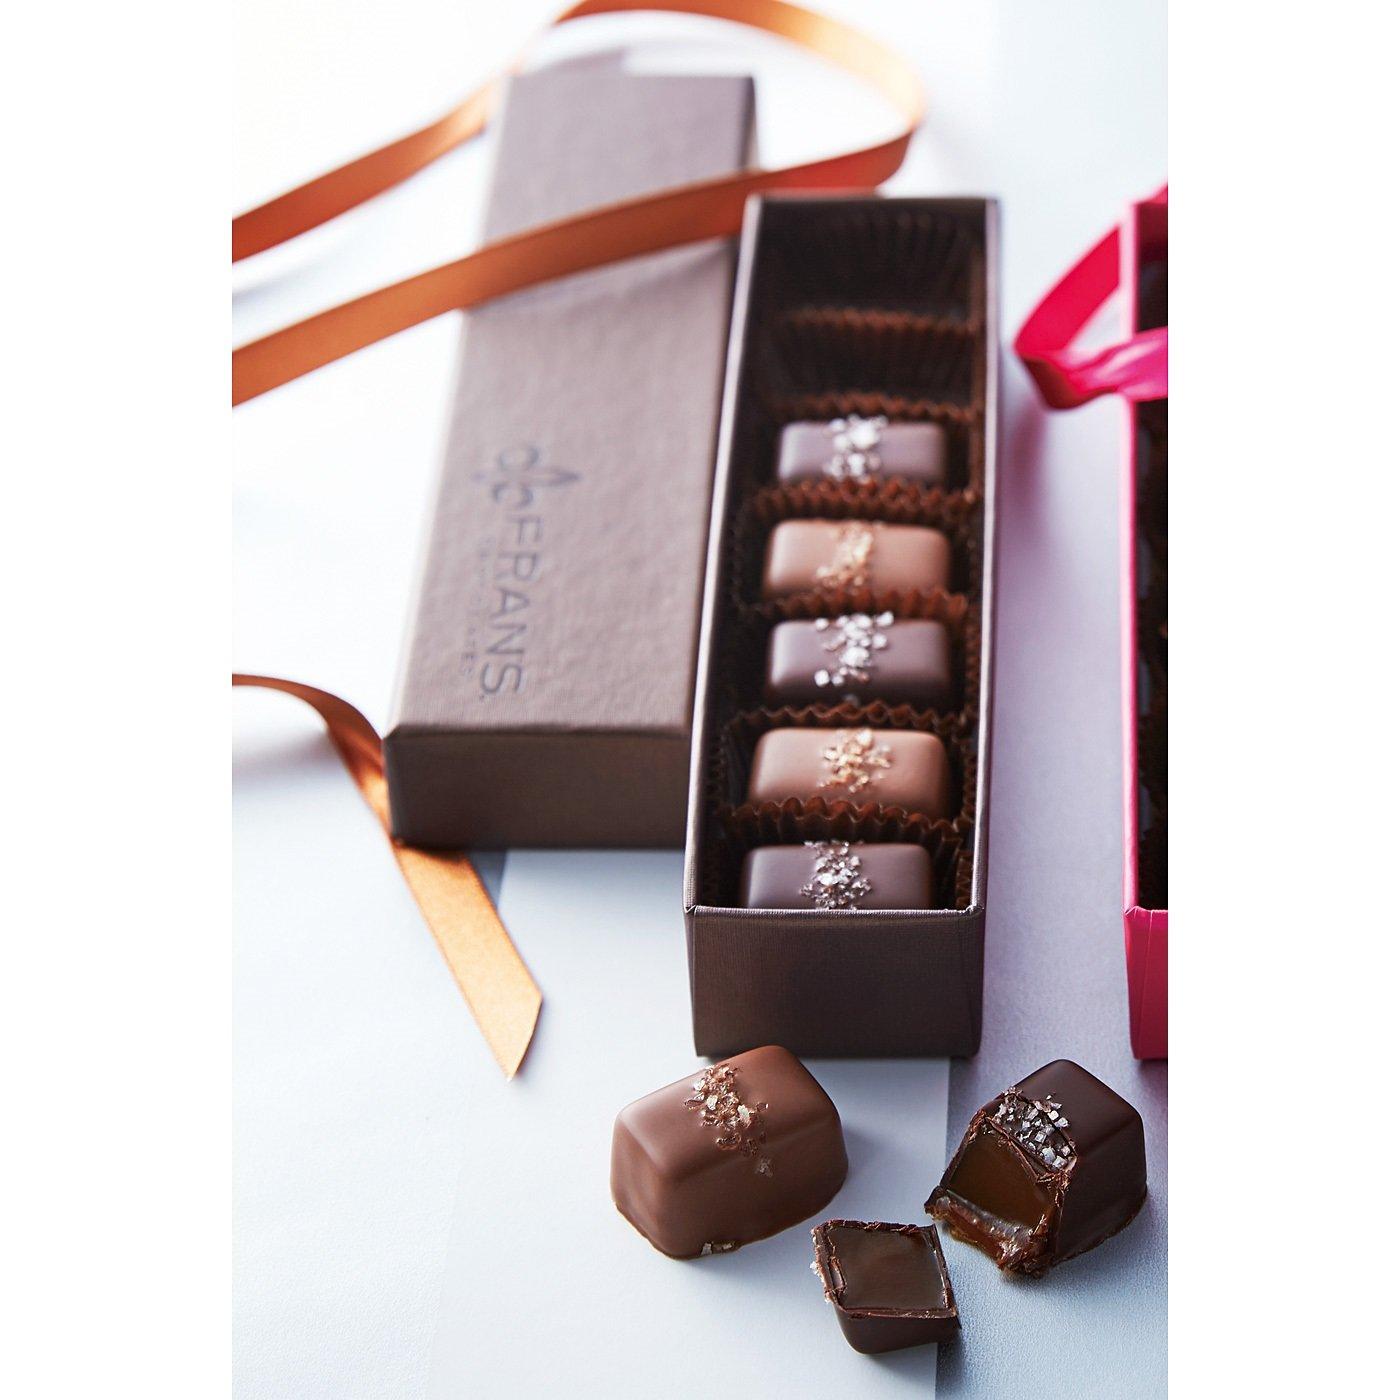 【ホワイトデイお届け】ミセス フランズ チョコレート ソルトキャラメル